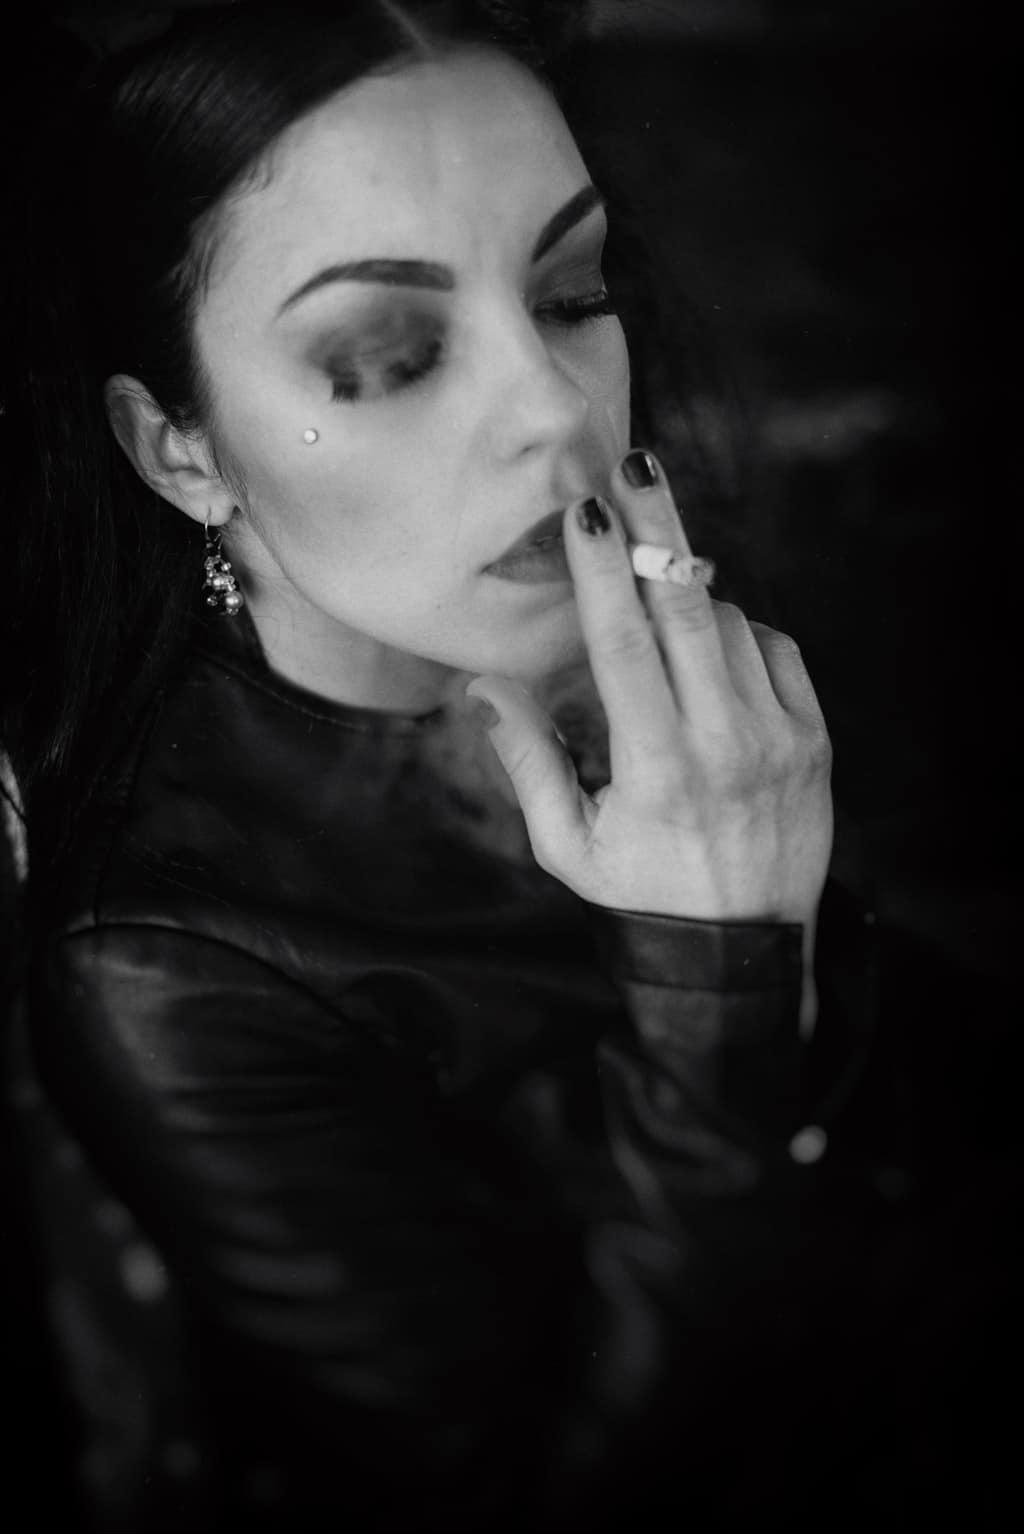 572 sposa goth Im not complete   Breve racconto fotografico dallo stile Dark